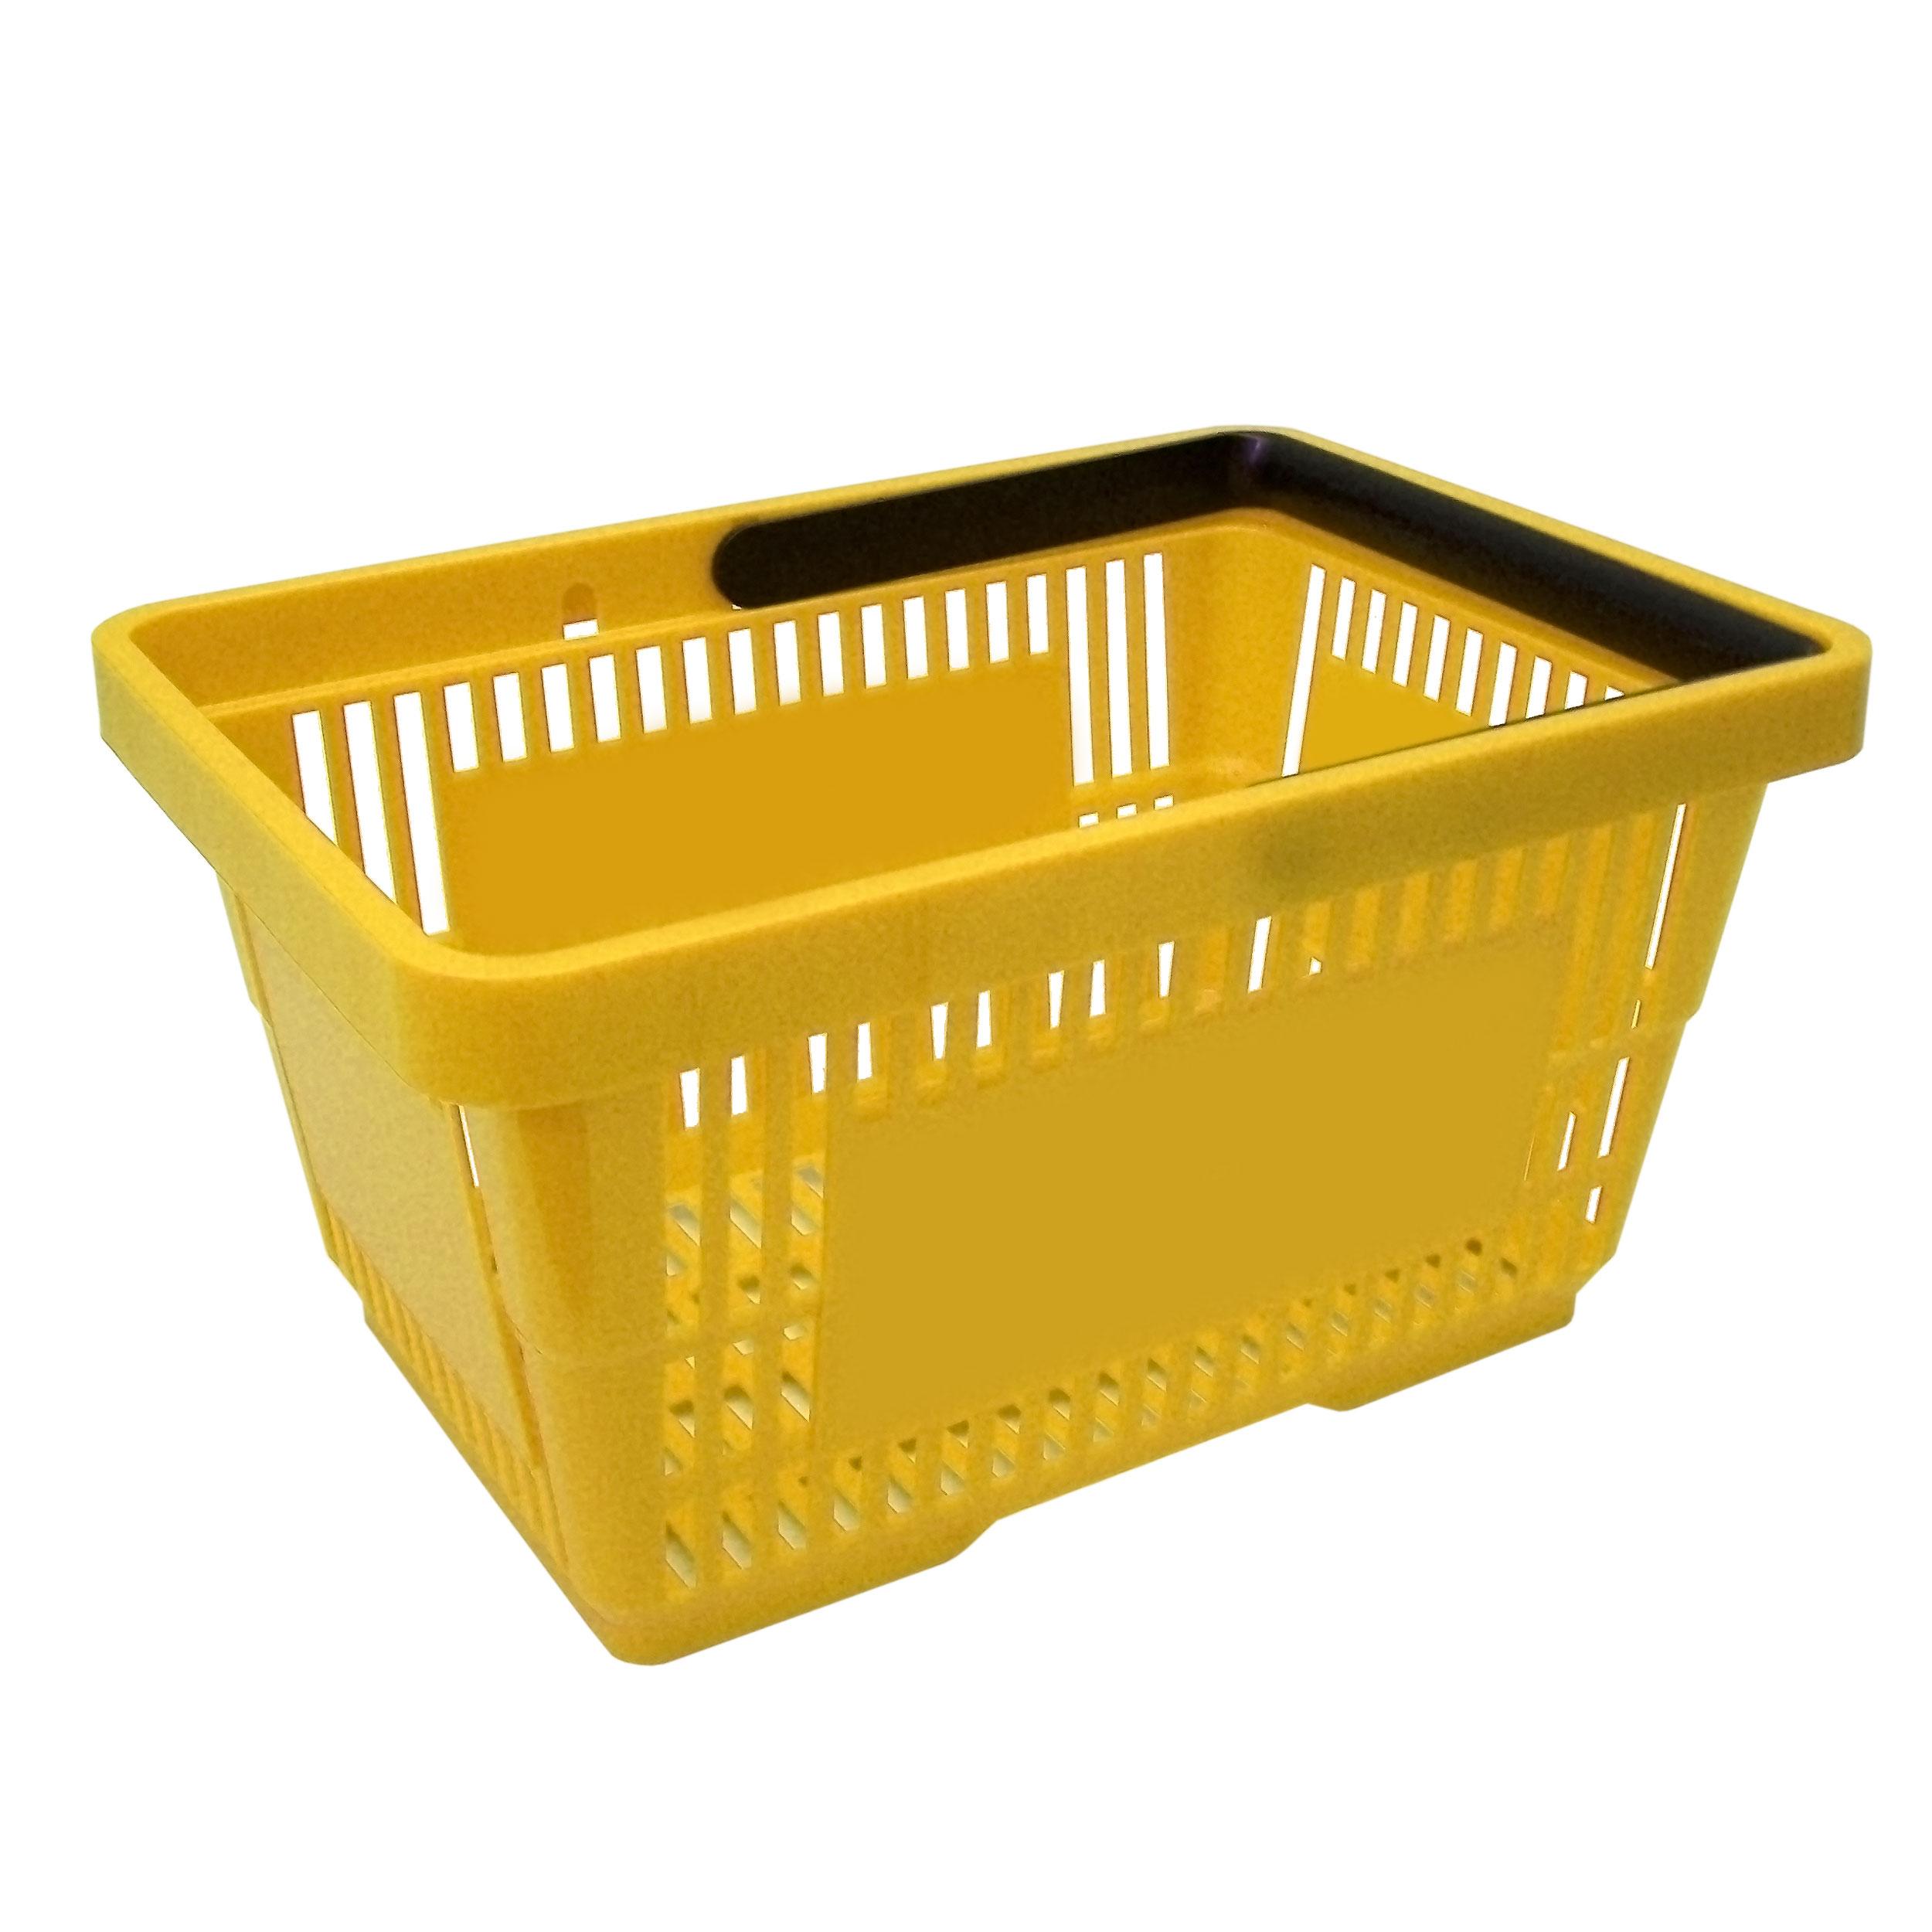 Einkaufskorb mit 1 Bügeln, 21 Liter, gelb